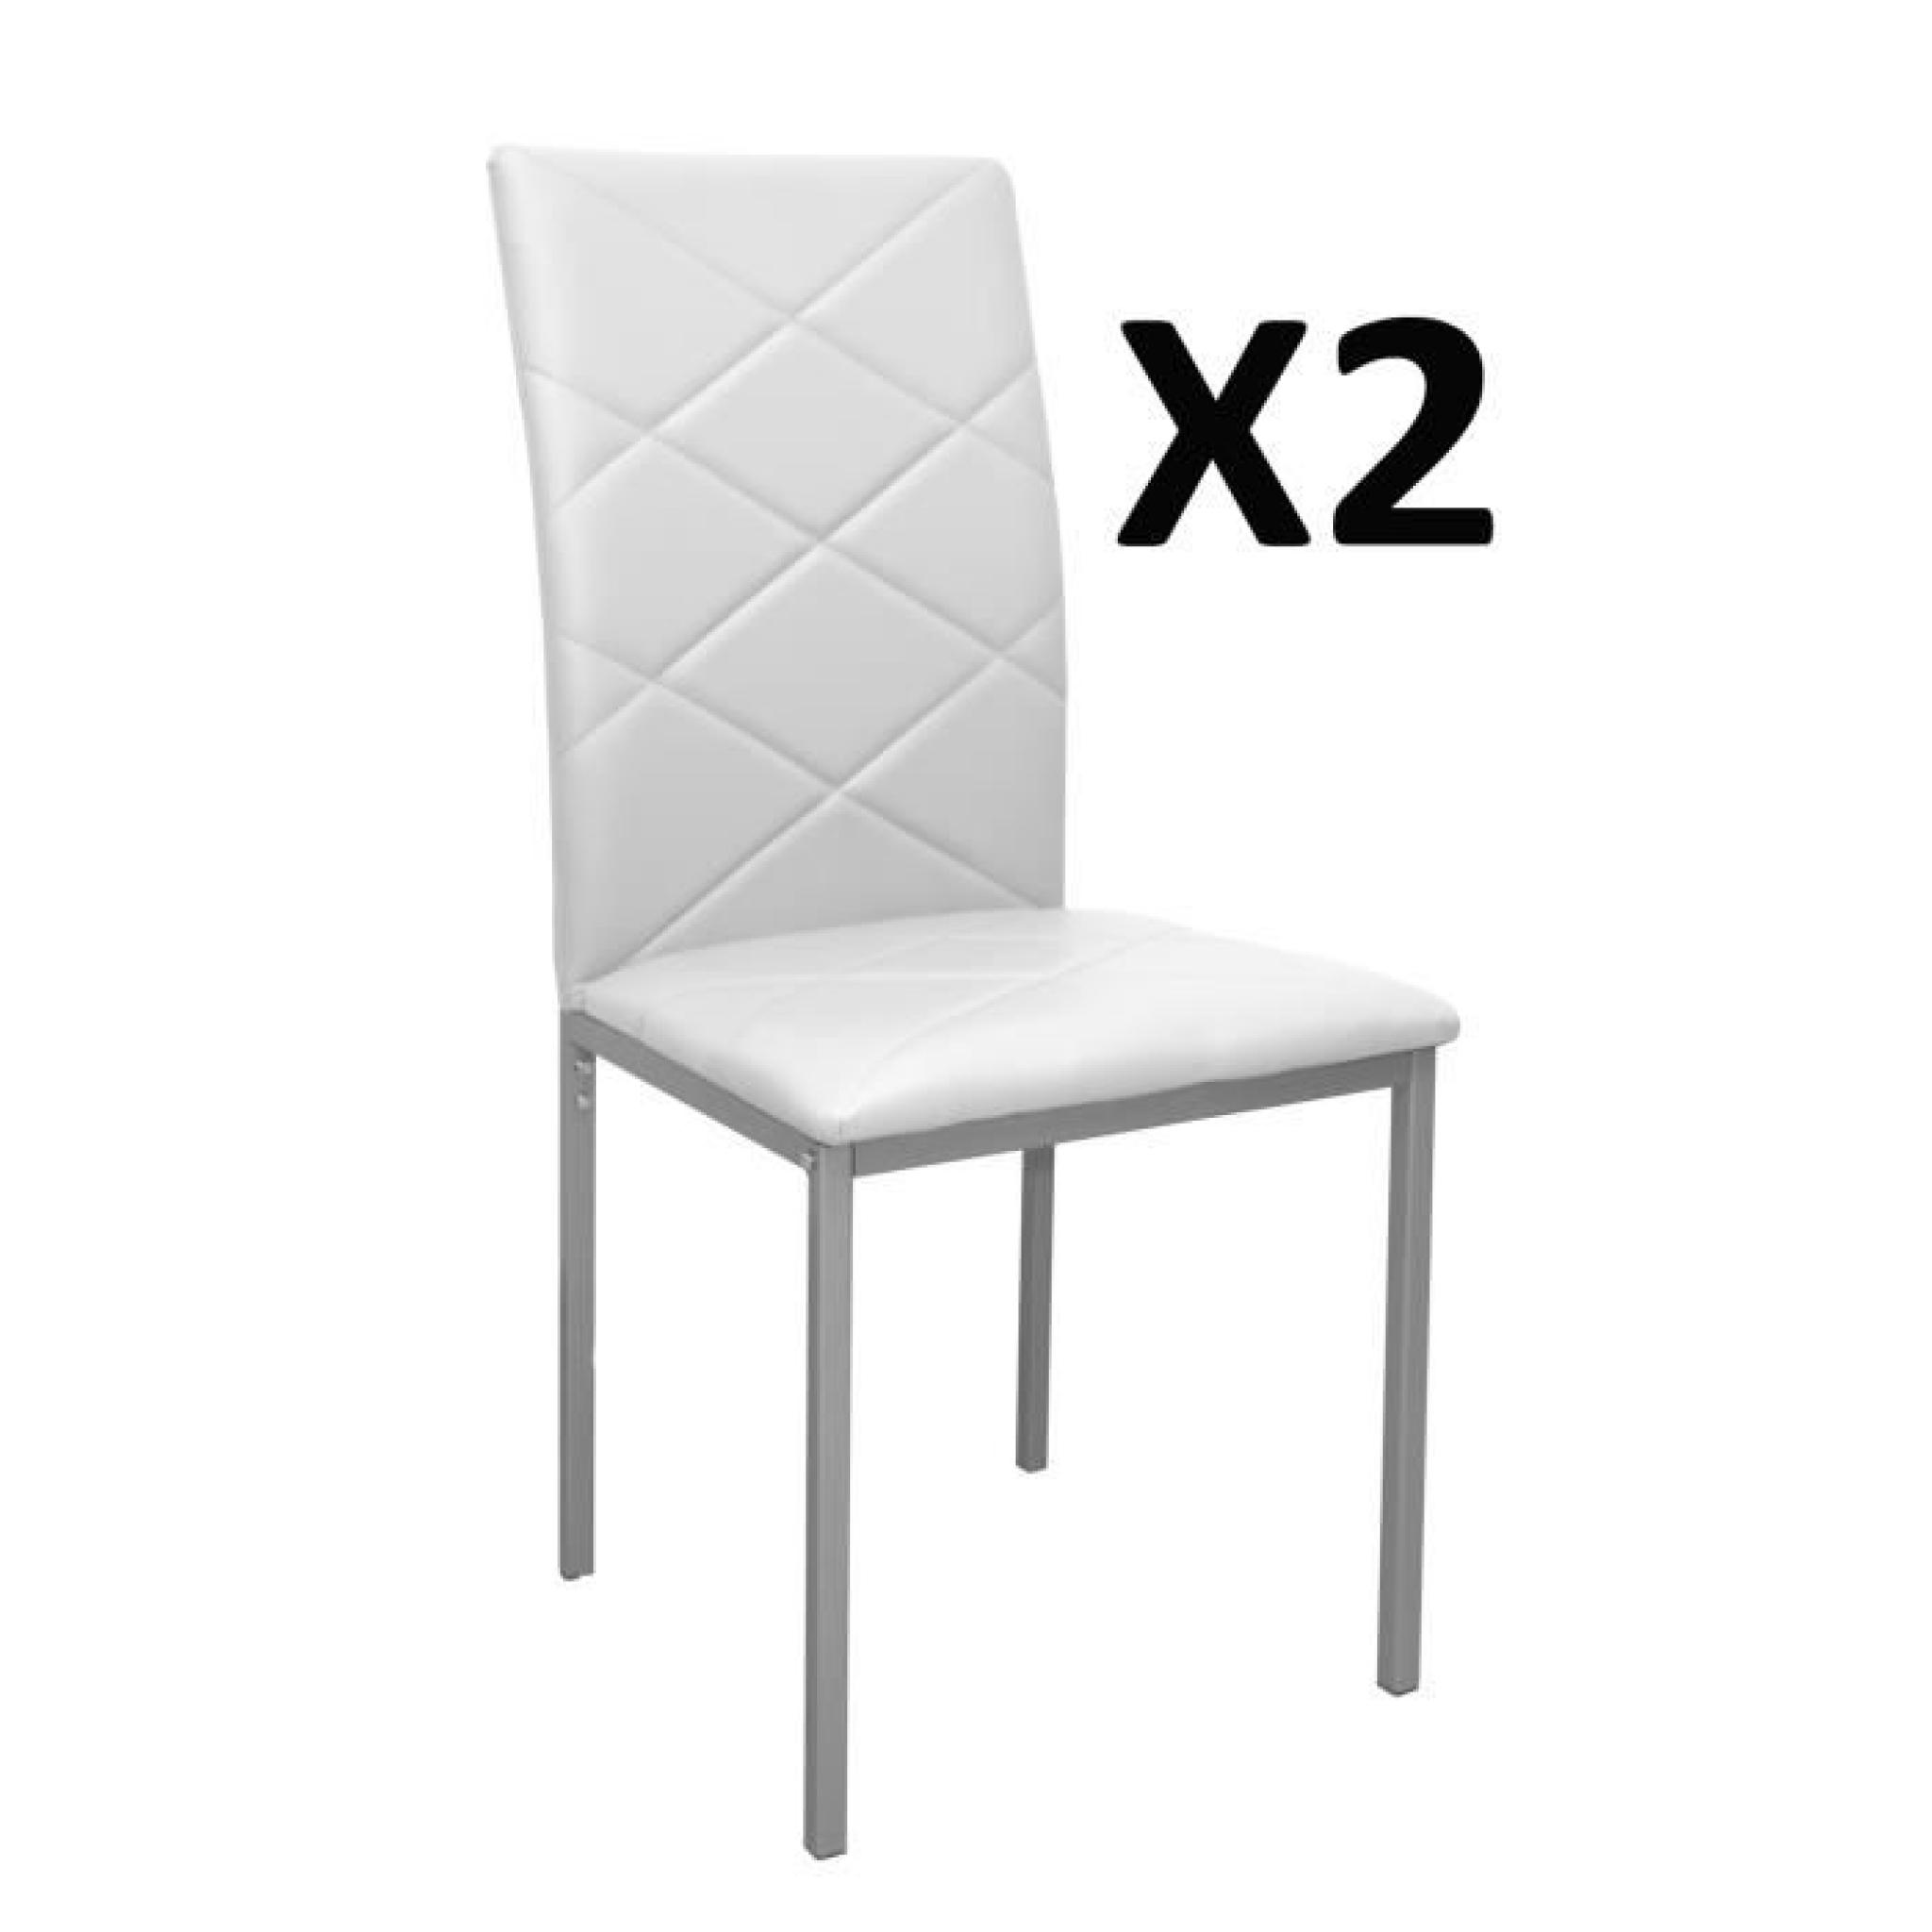 #090909 Lot De 2 Chaises Blanche Revêtement PU 510 X 430 X 950 Mm  4241 chaise de salle a manger blanche pas cher 2048x2048 px @ aertt.com